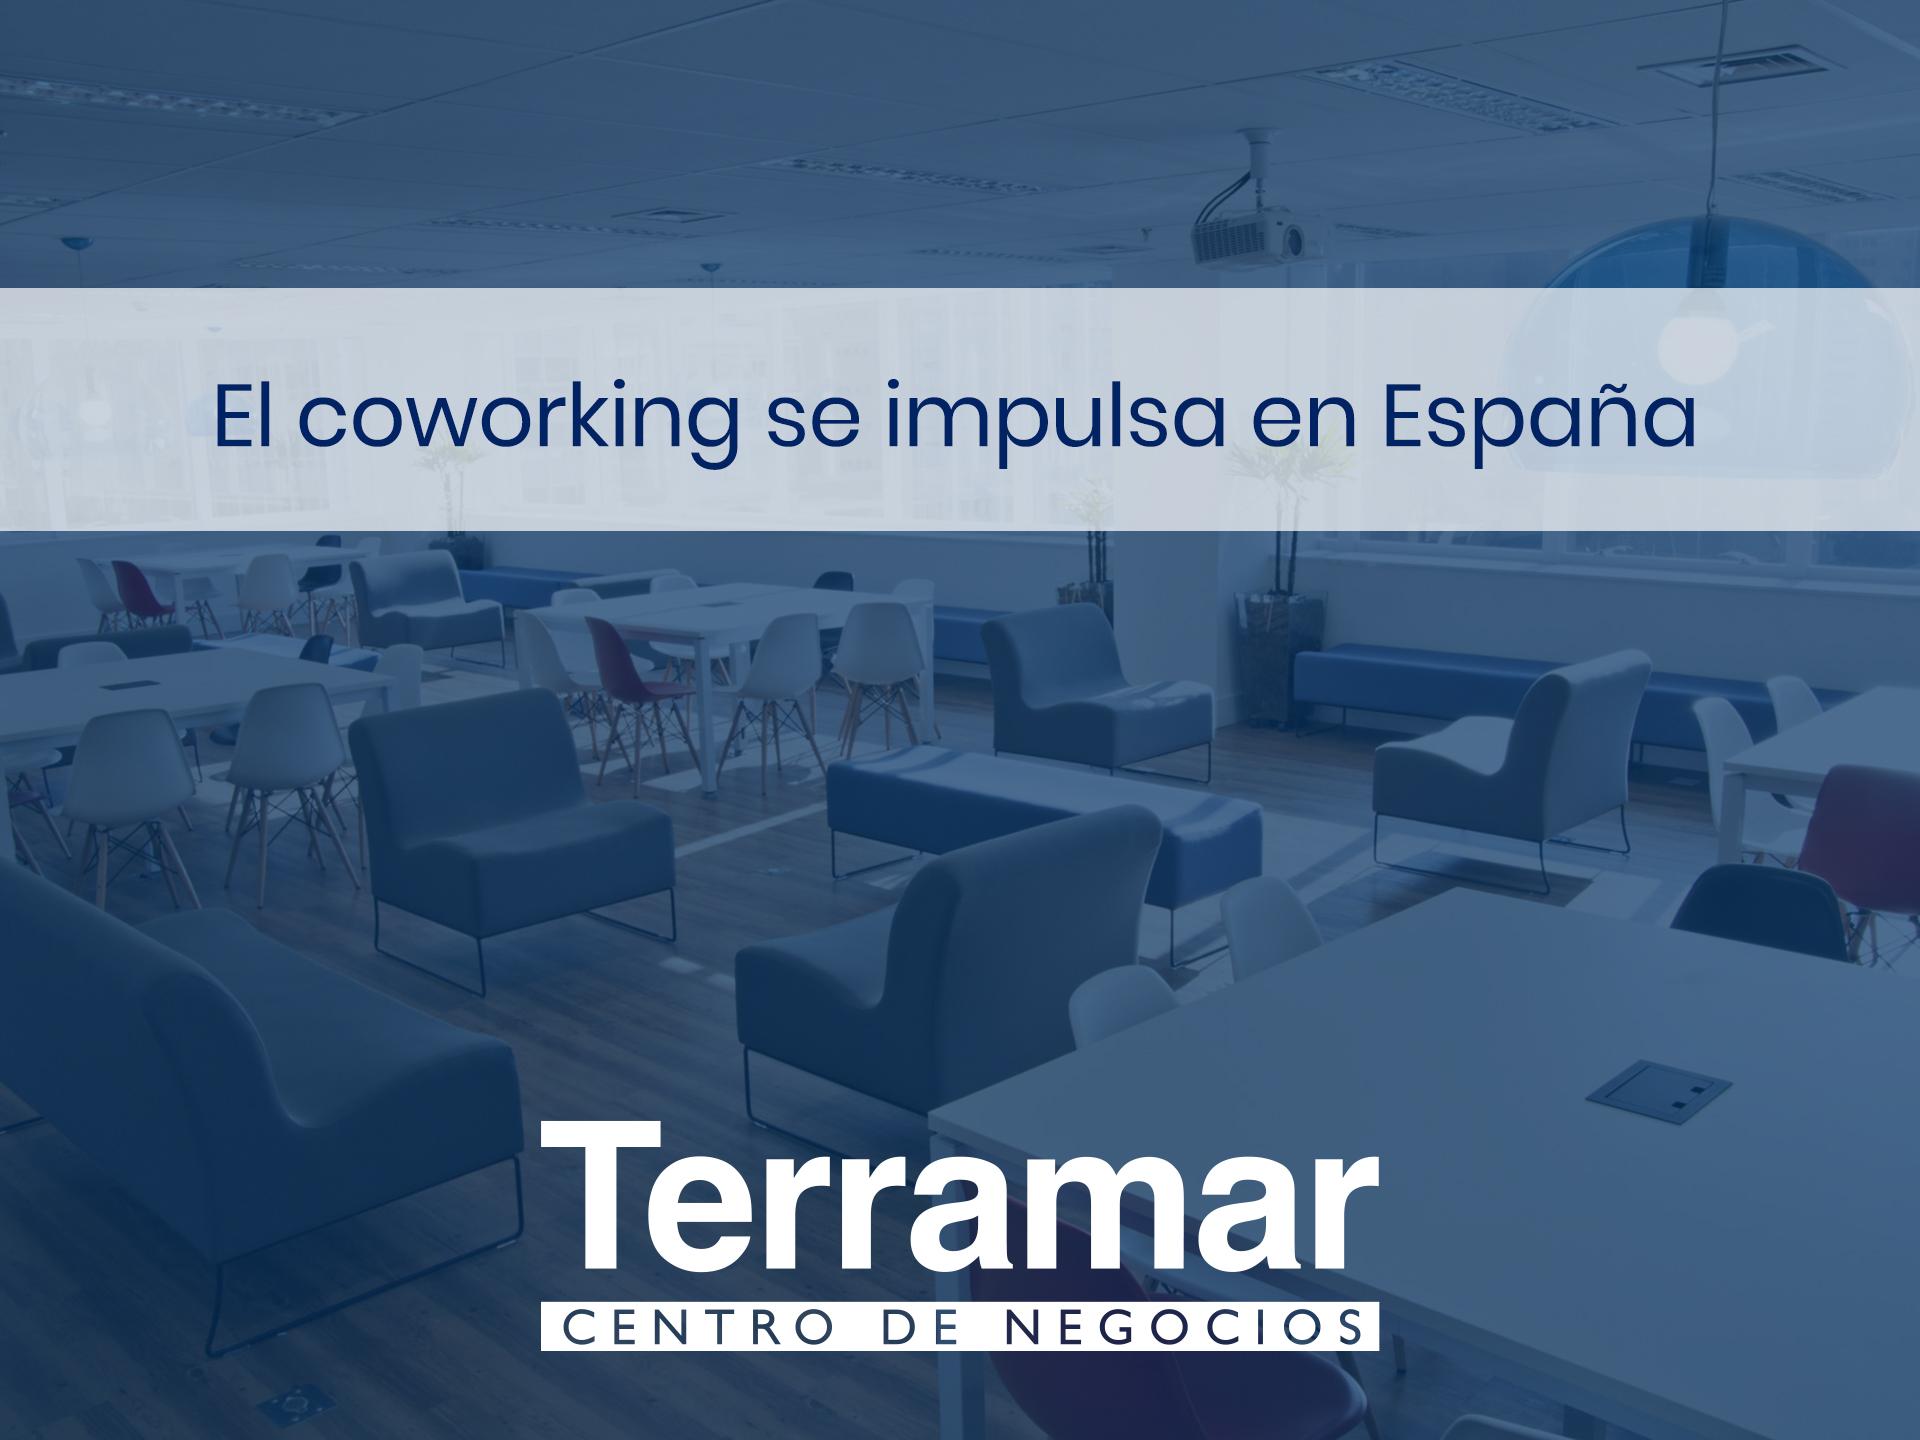 El coworking se impulsa en España